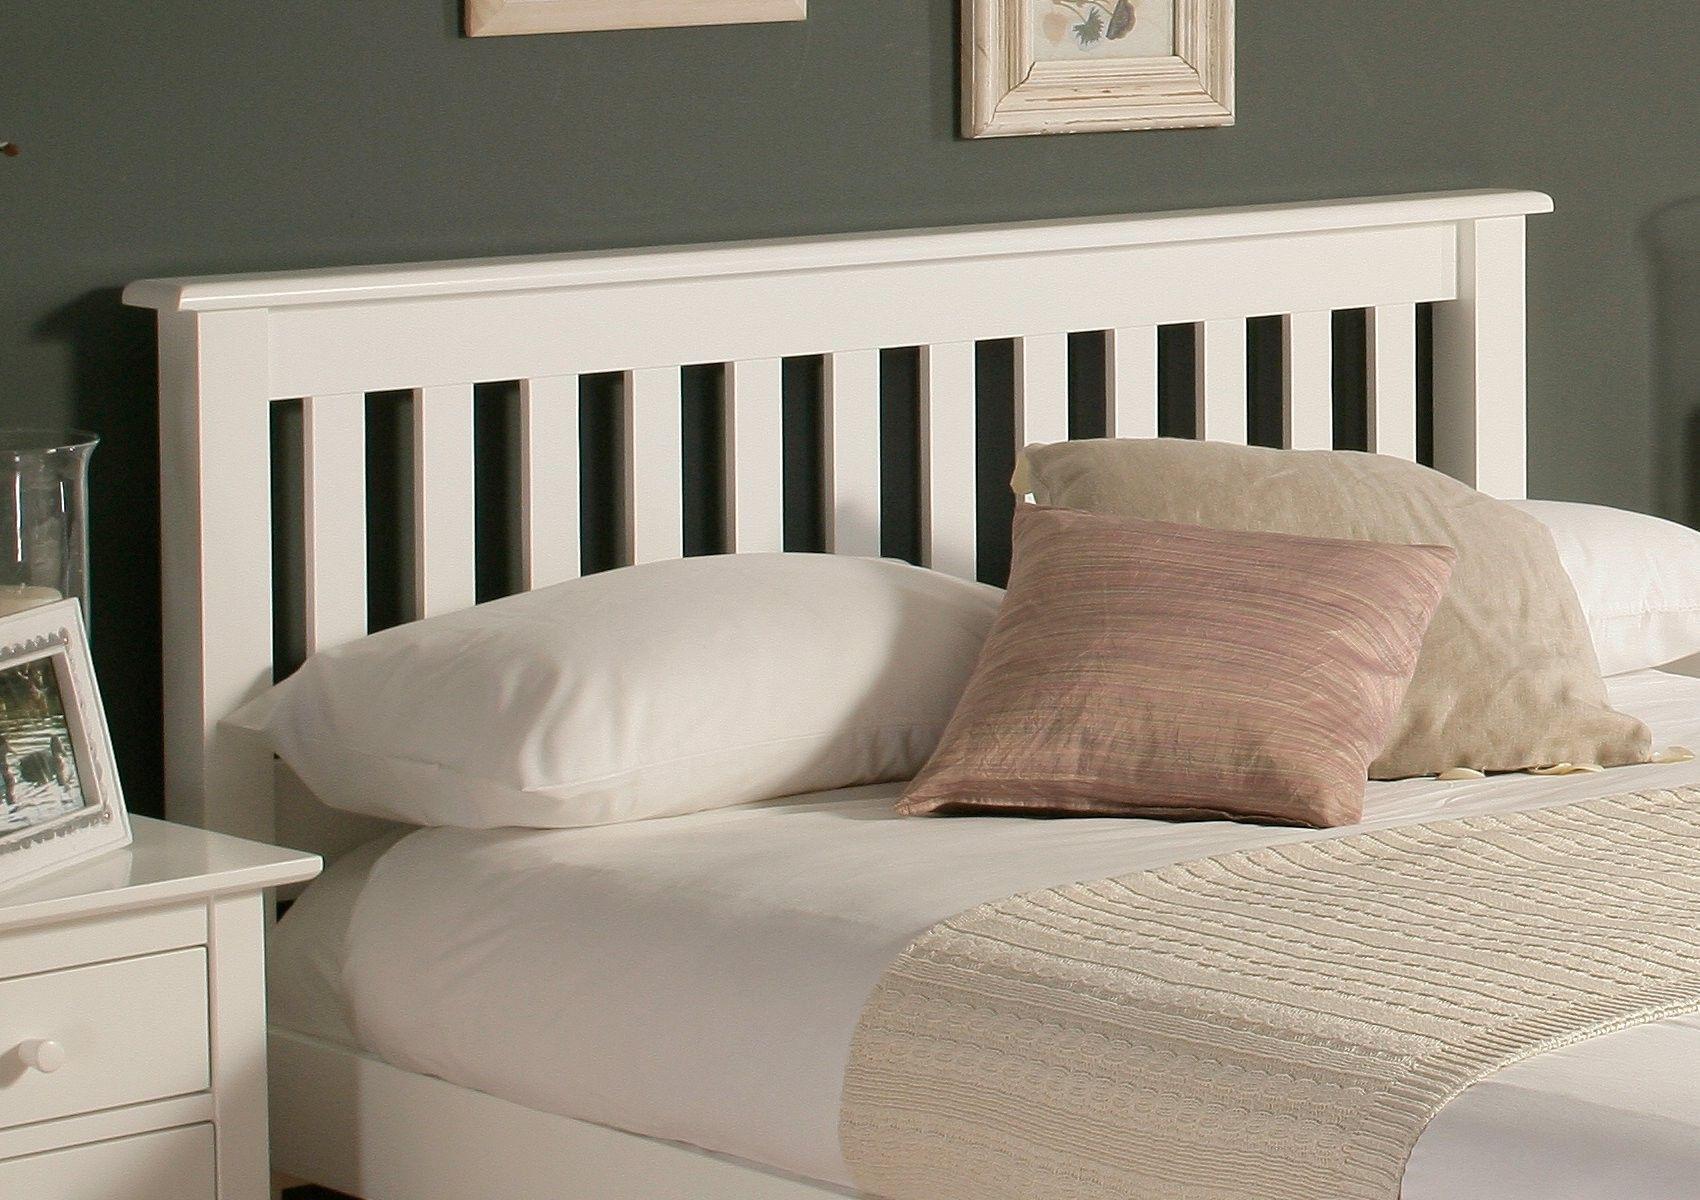 Bedroom FurnitureSingle Bed Wooden Headboards Low